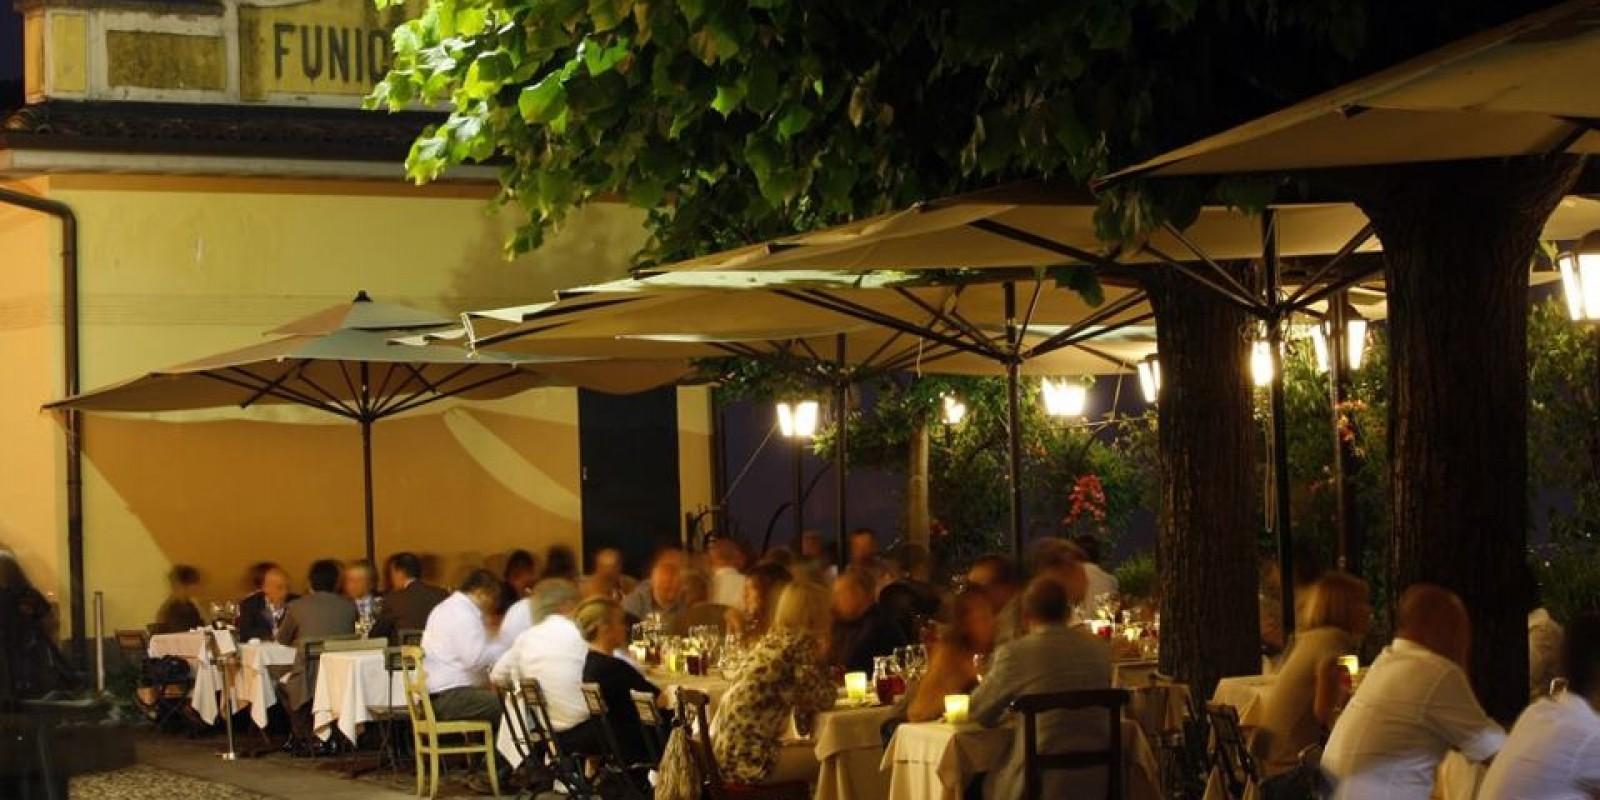 Cenare in città alta, le terrazza all\'aperto di Bergamo